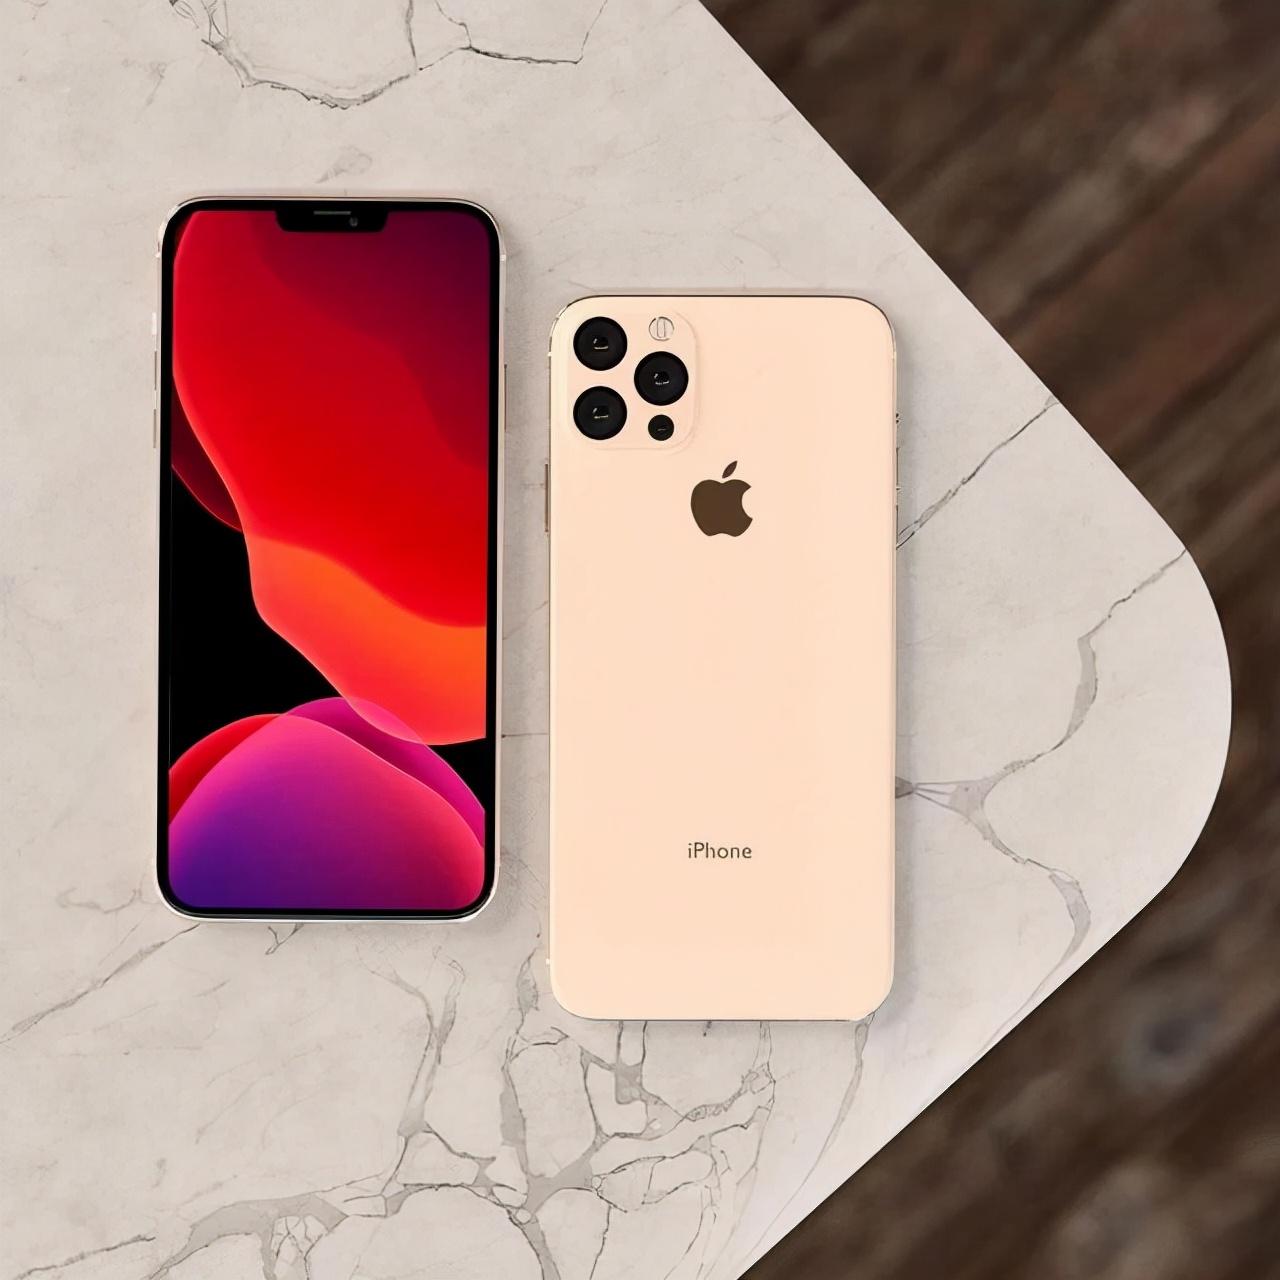 5499元起售!iPhone13售價/配置全球首曝光:劉海屏外觀很感人